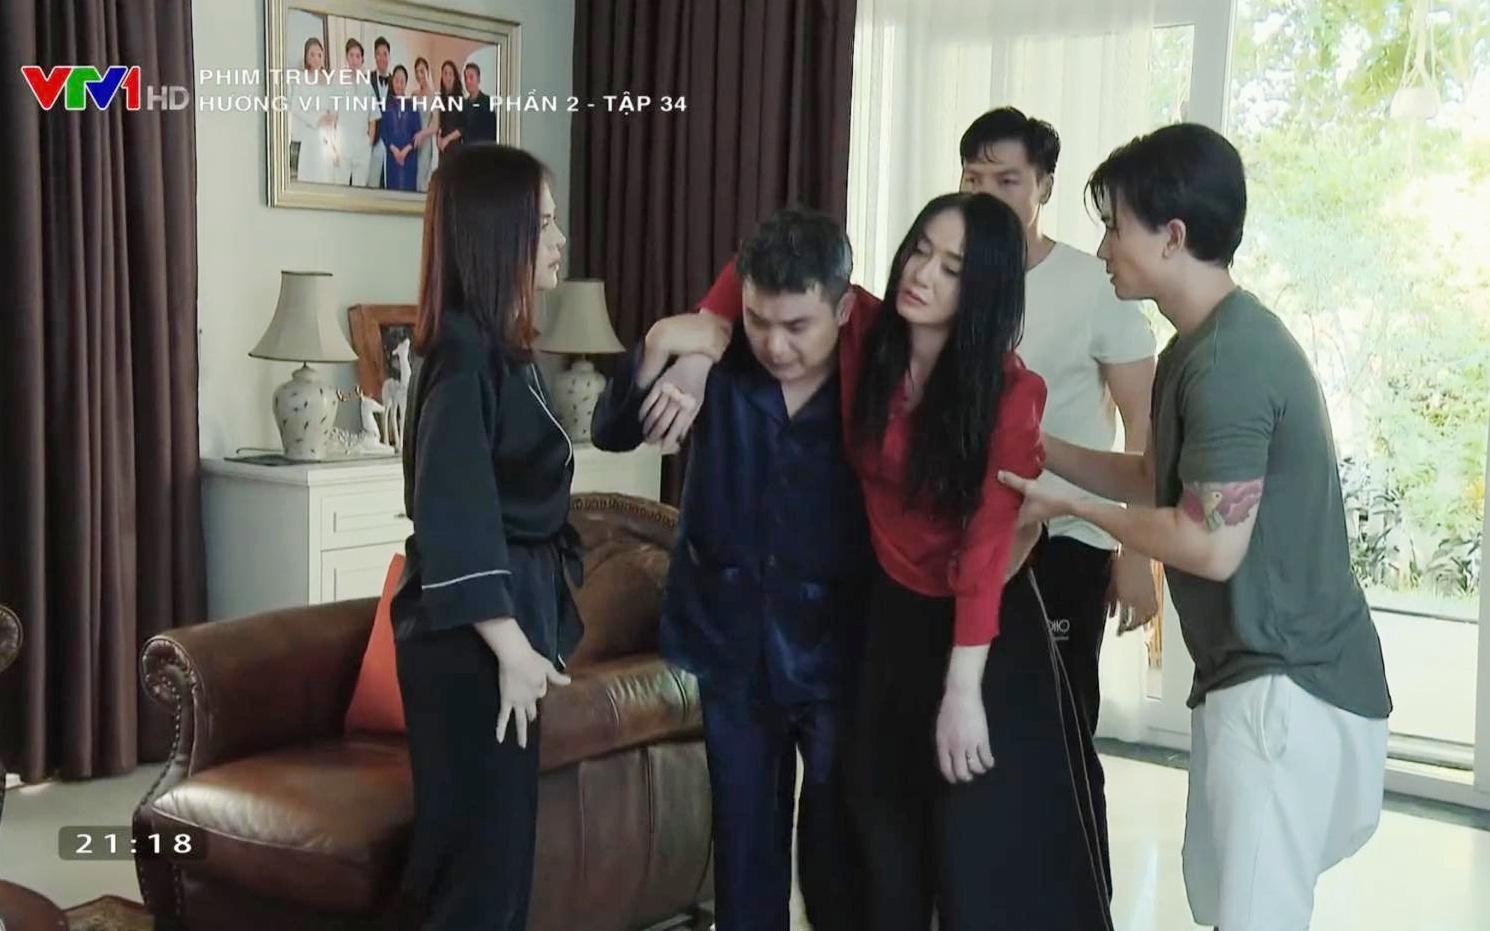 Hương vị tình thân: Thành viên ê kíp trả lời vì sao bà Xuân nhảy cầu ban đêm, về nhà ban ngày